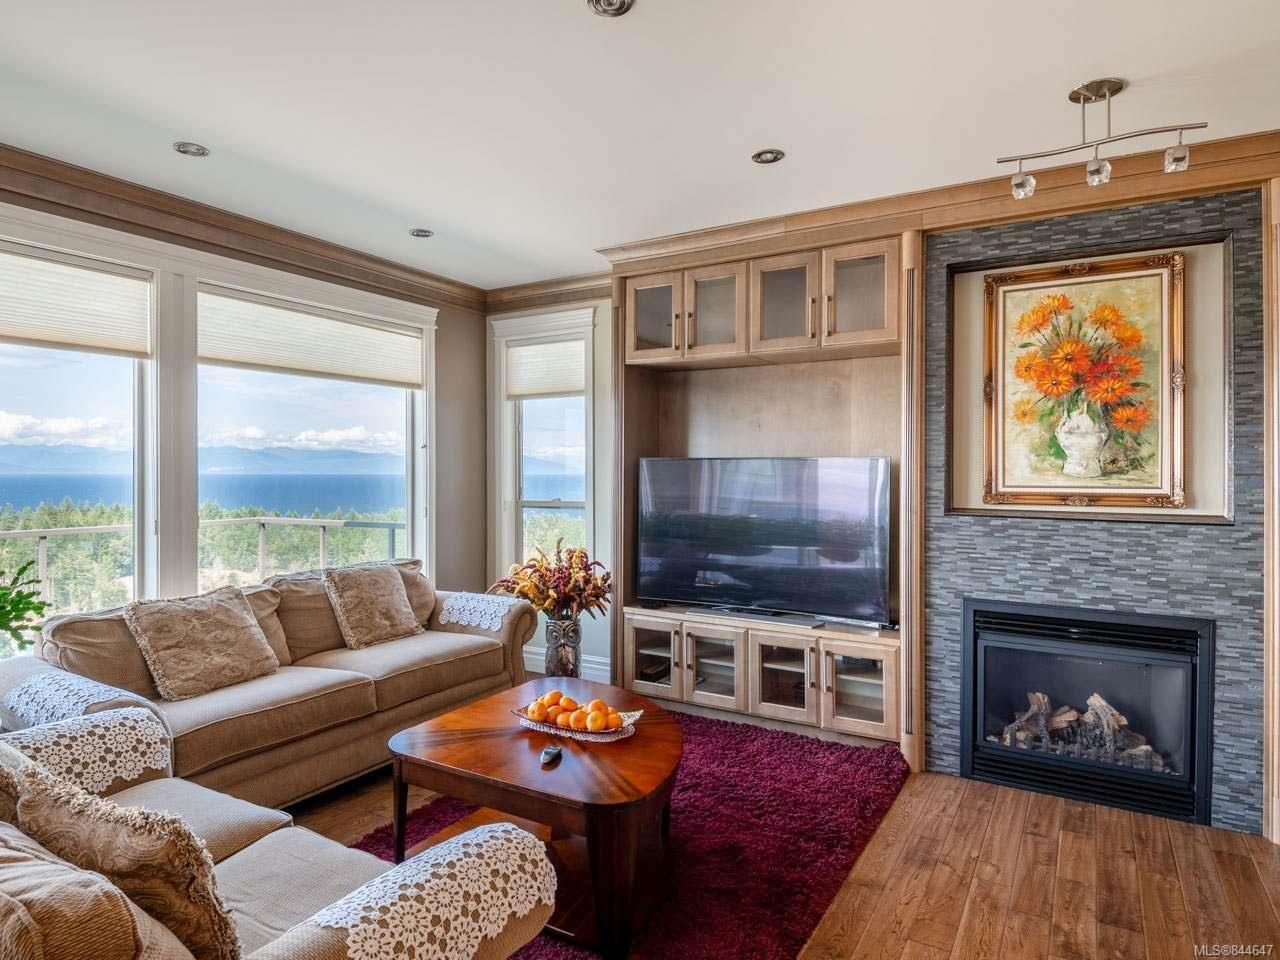 Photo 42: Photos: 4576 Laguna Way in NANAIMO: Na North Nanaimo House for sale (Nanaimo)  : MLS®# 844647